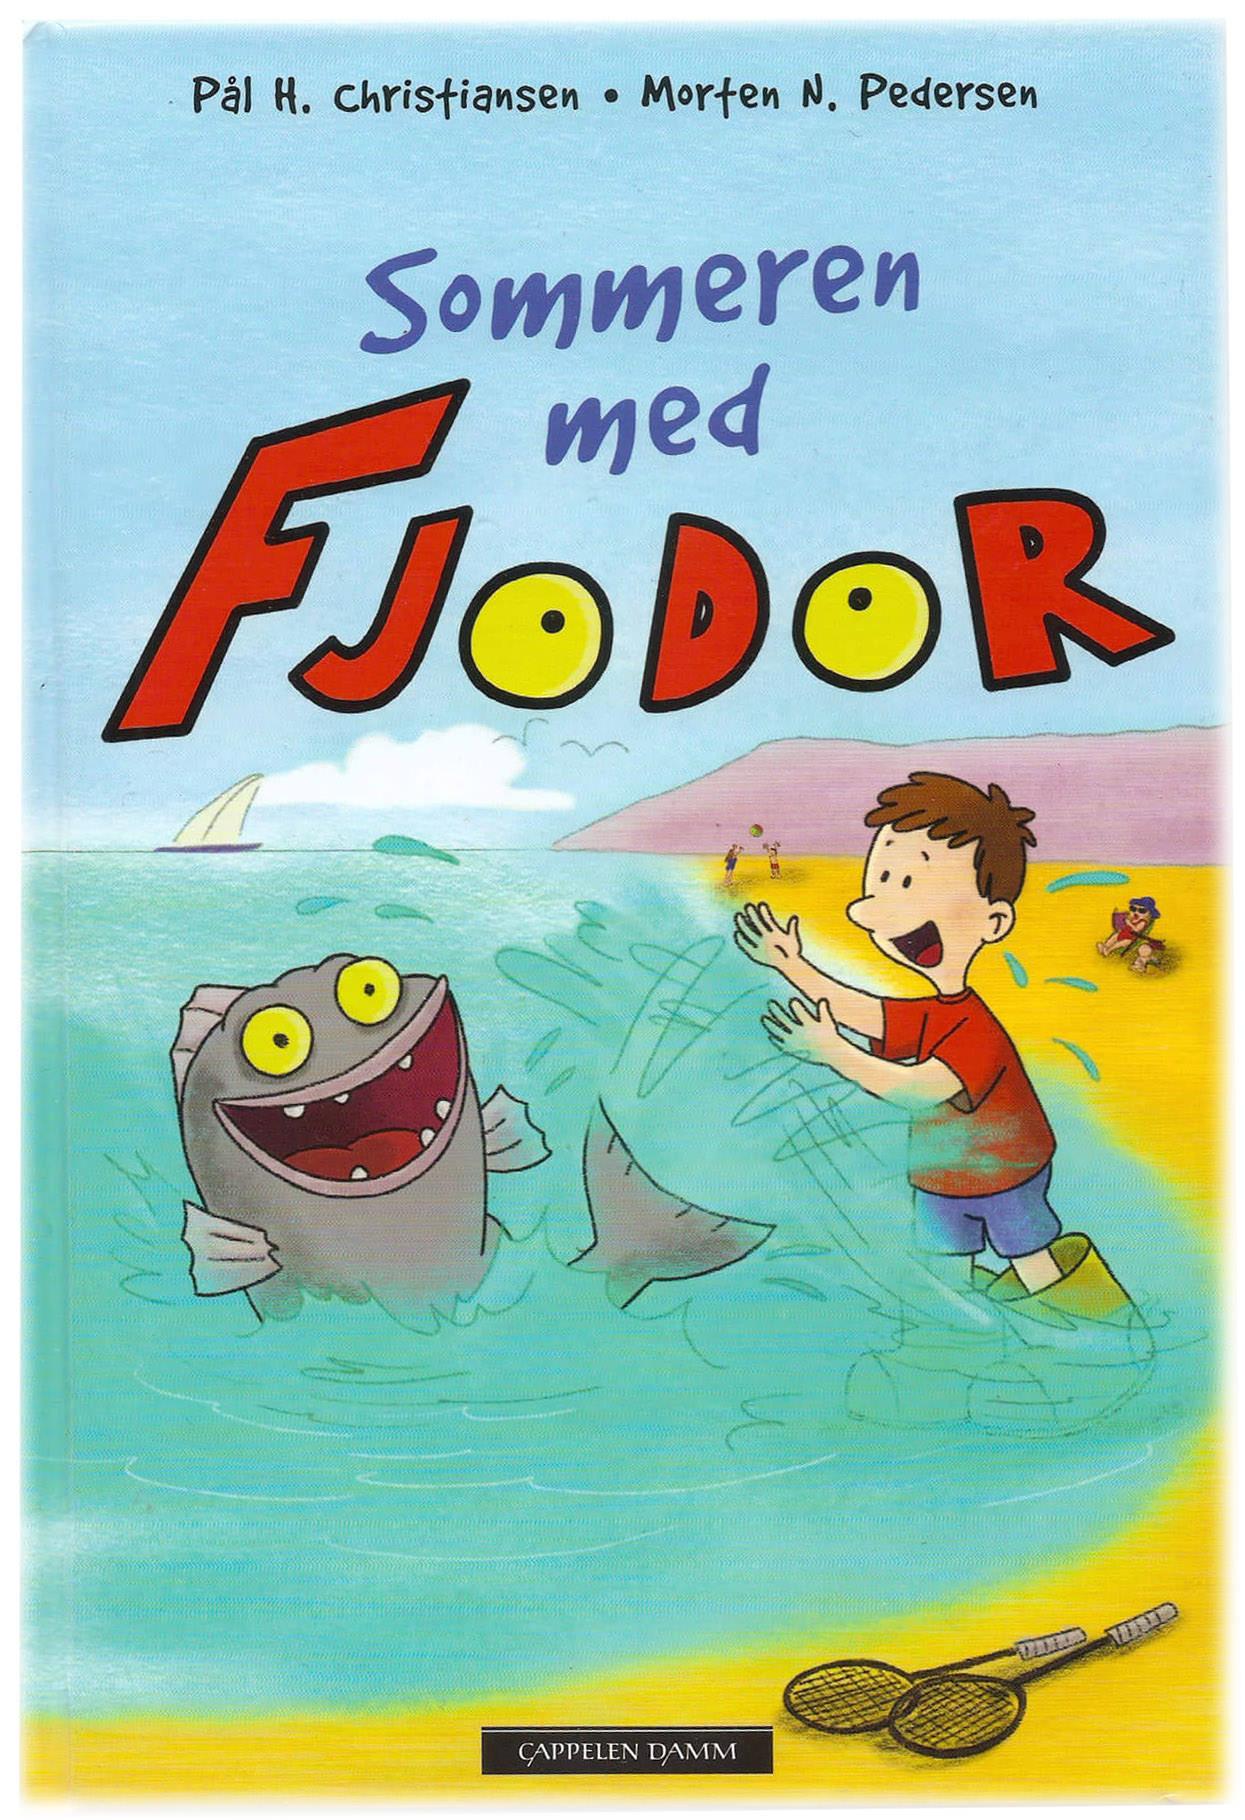 Buchcover Sommeren med Fjodor